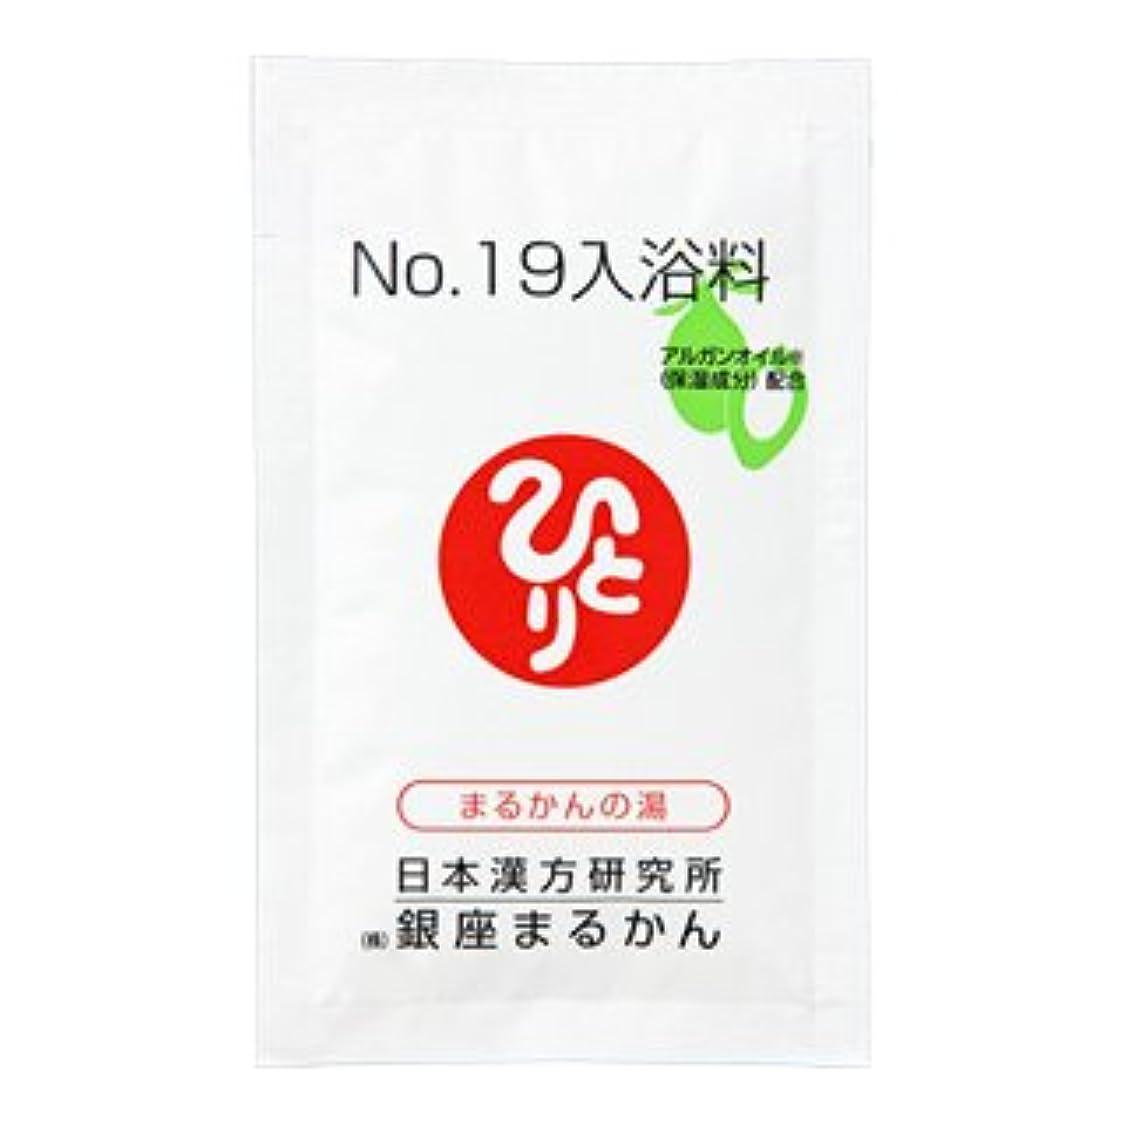 ペストリー文芸名義で銀座まるかん No.19入浴料(50個)